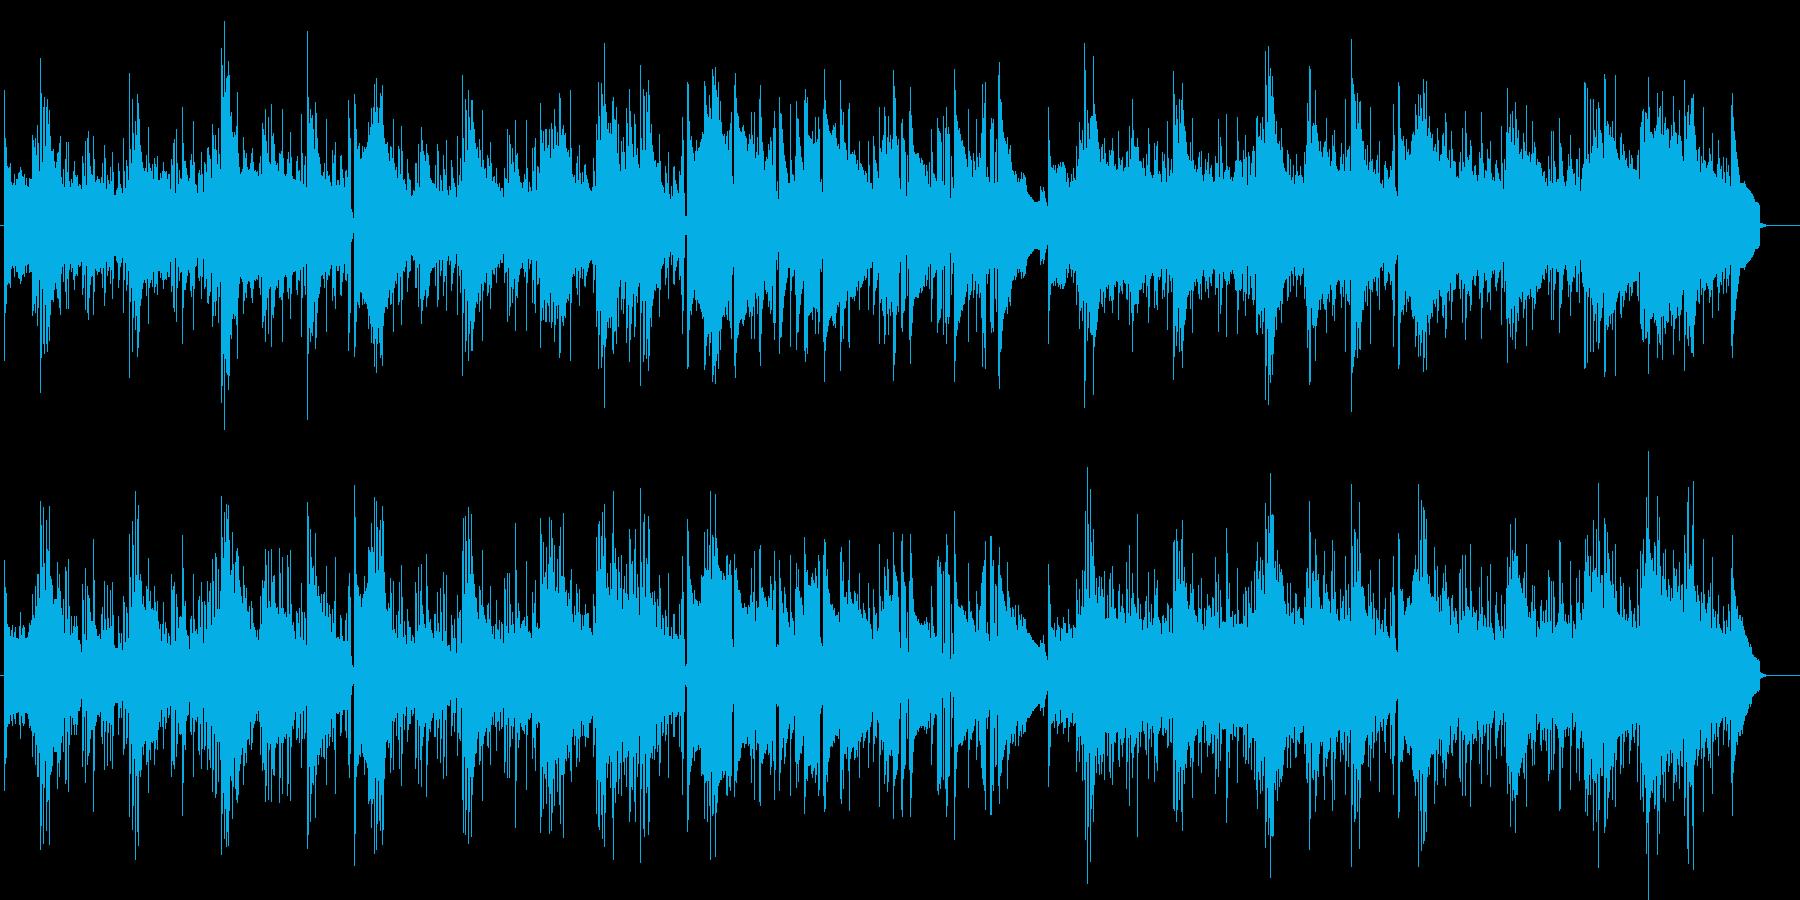 ギターのメロディとピアノののびのびした曲の再生済みの波形